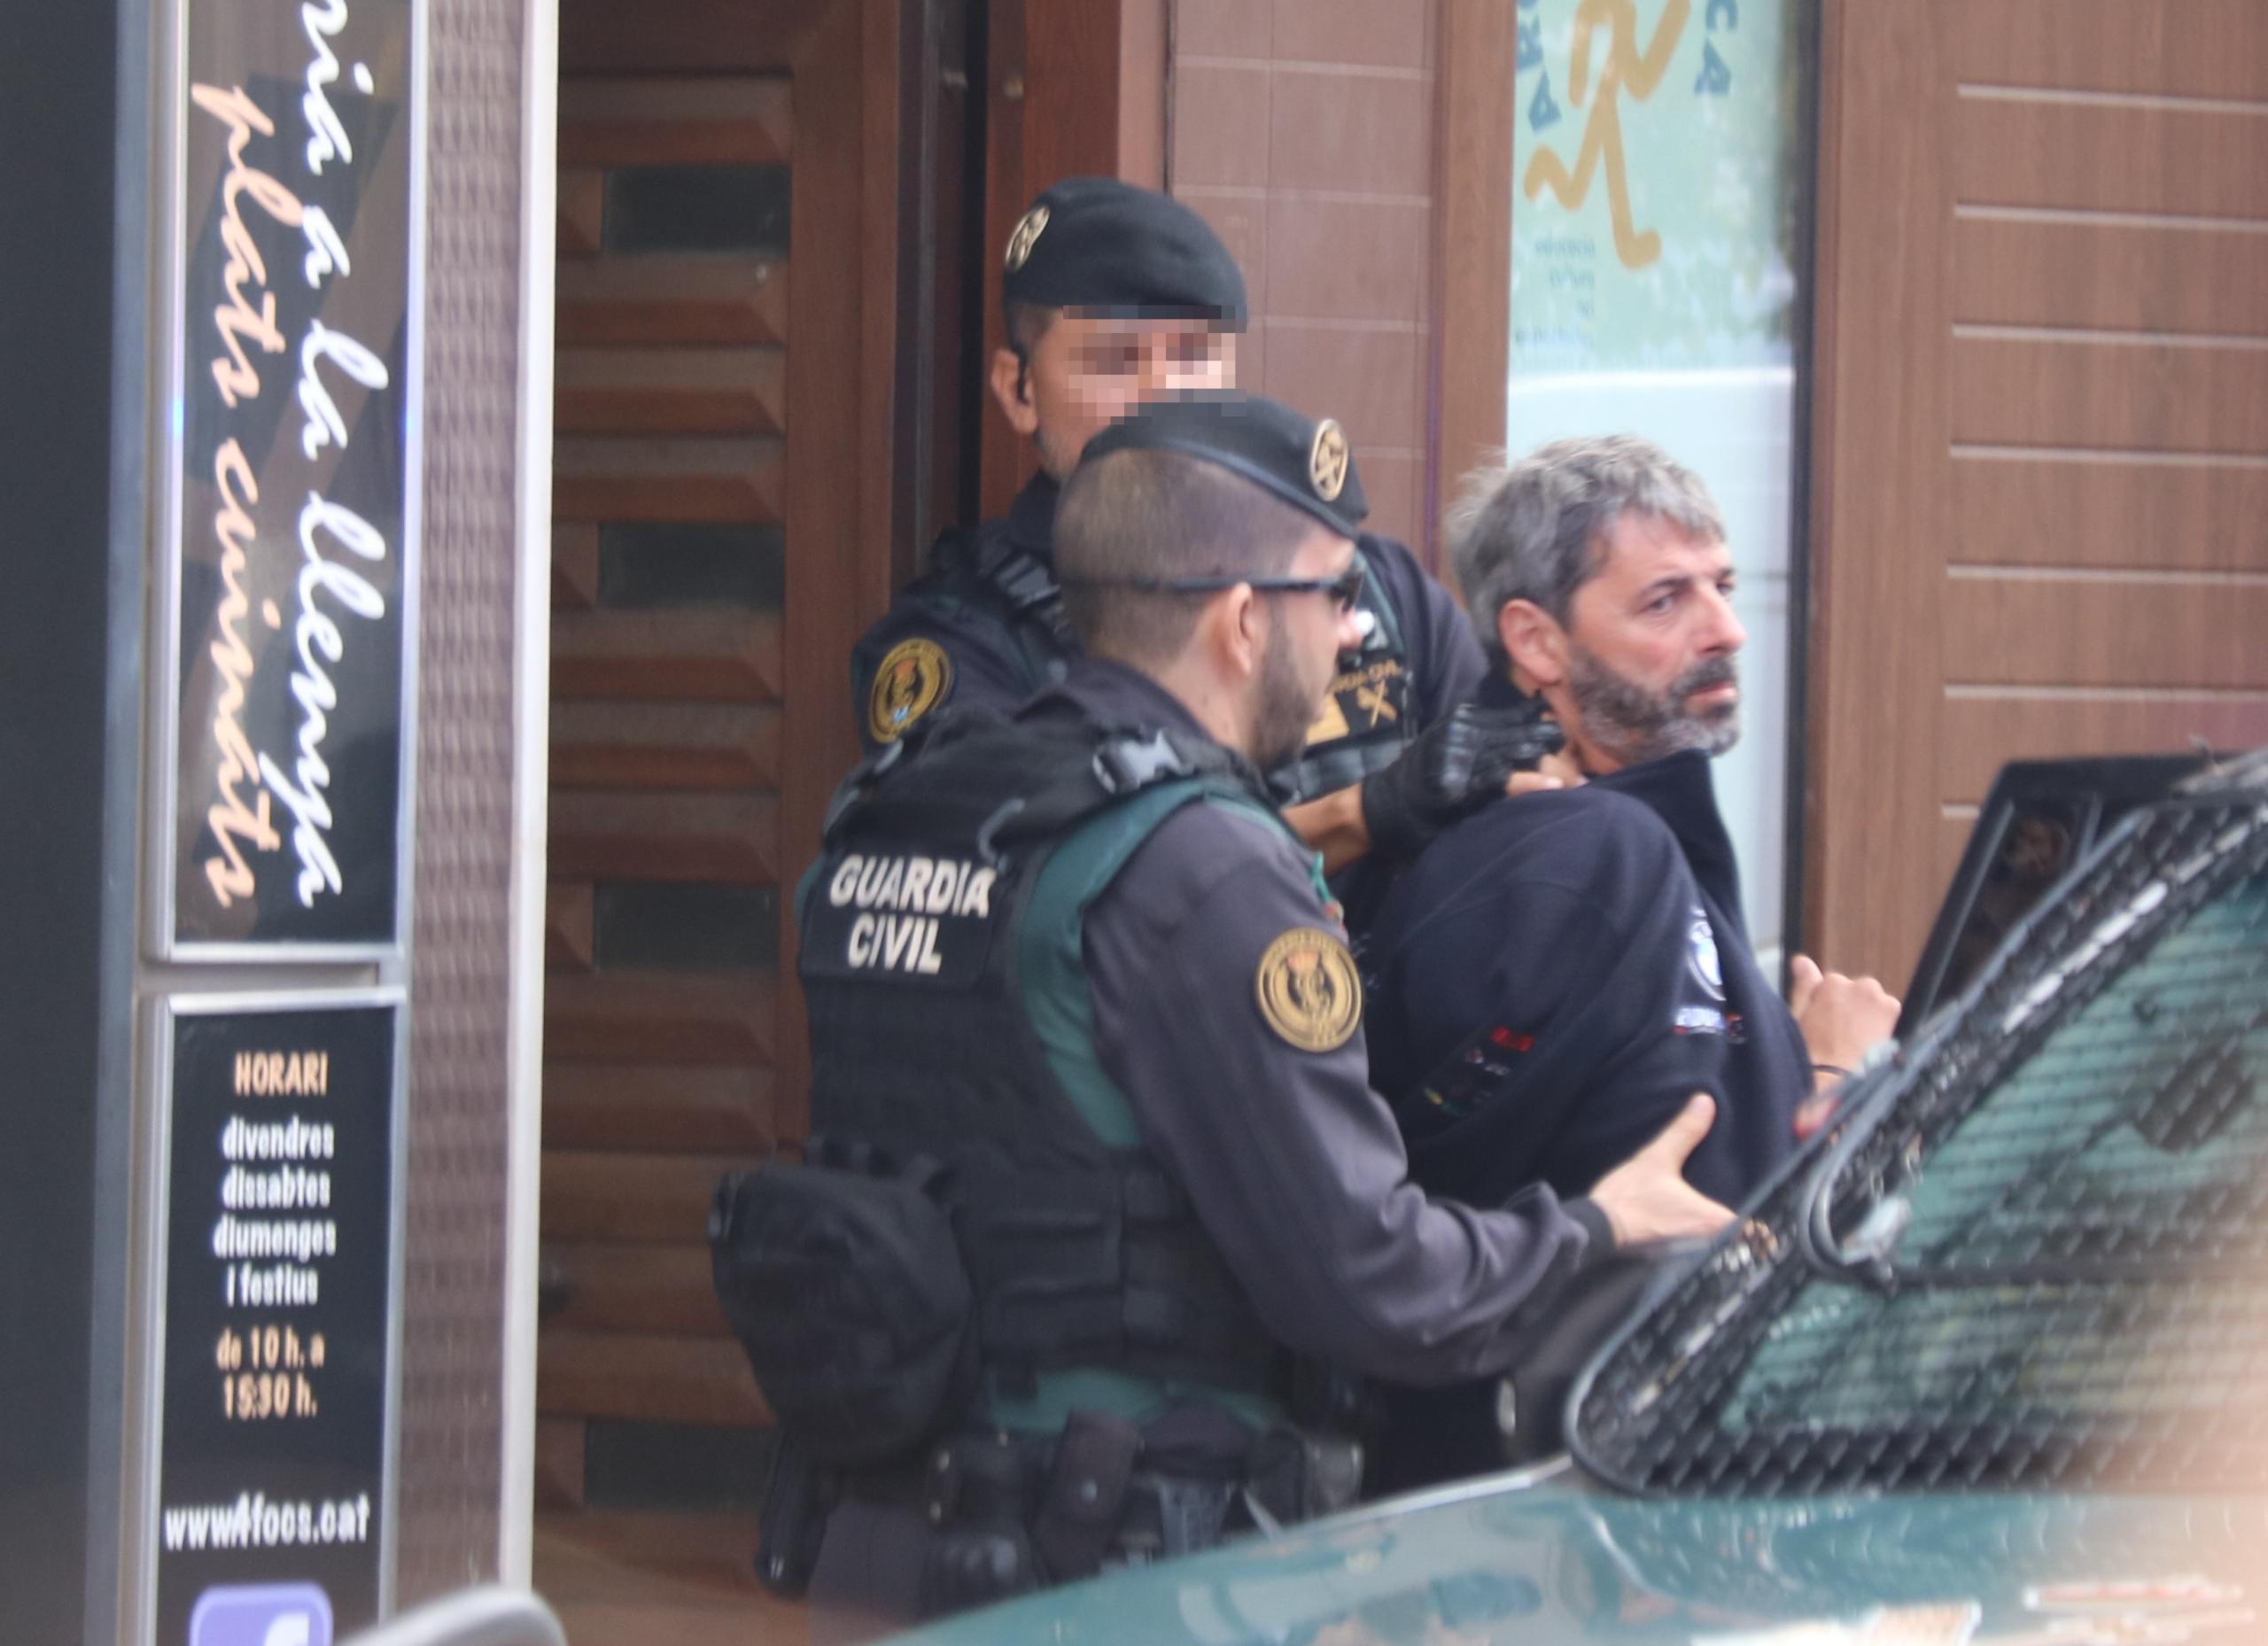 Dos agents de la Guàrdia Civil s'emporten un detingut a Sabadell en el marc de l'operació que ha acabat amb nou membres de CDR arrestats. Imatge del 23 de setembre del 2019. (Horitzontal)